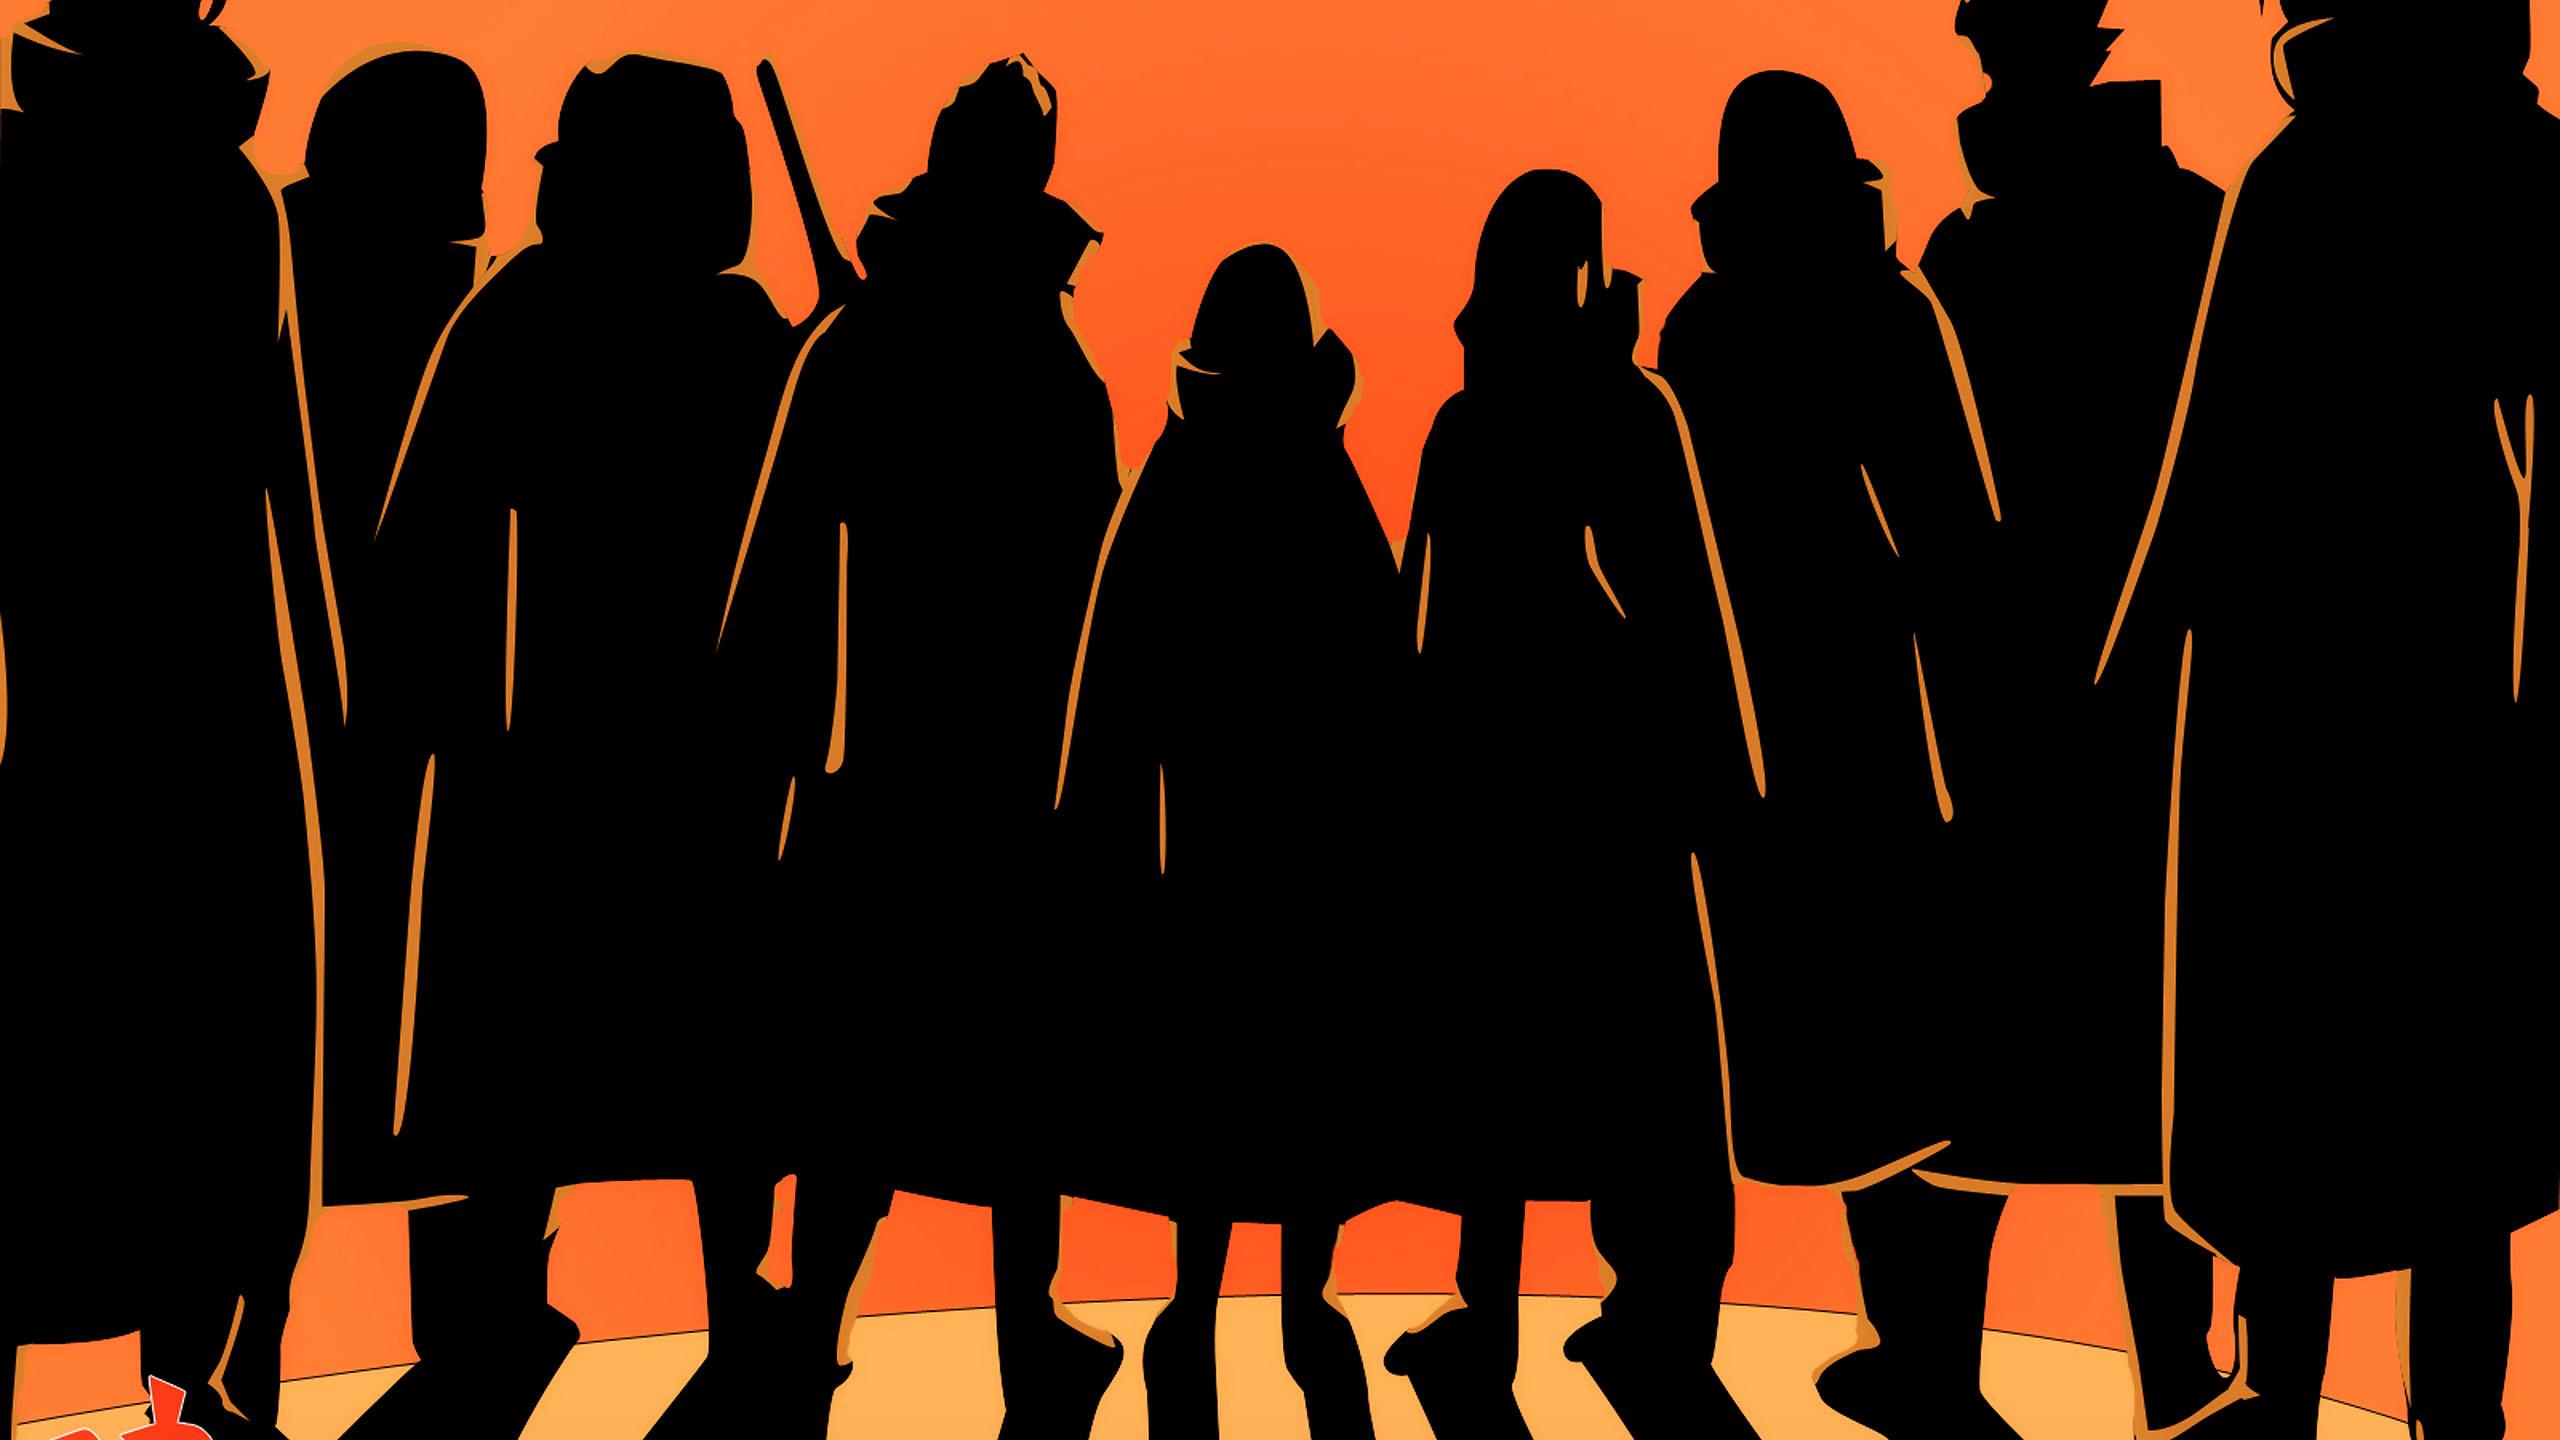 akatsuki shadow – 1080 HD Wallpaper